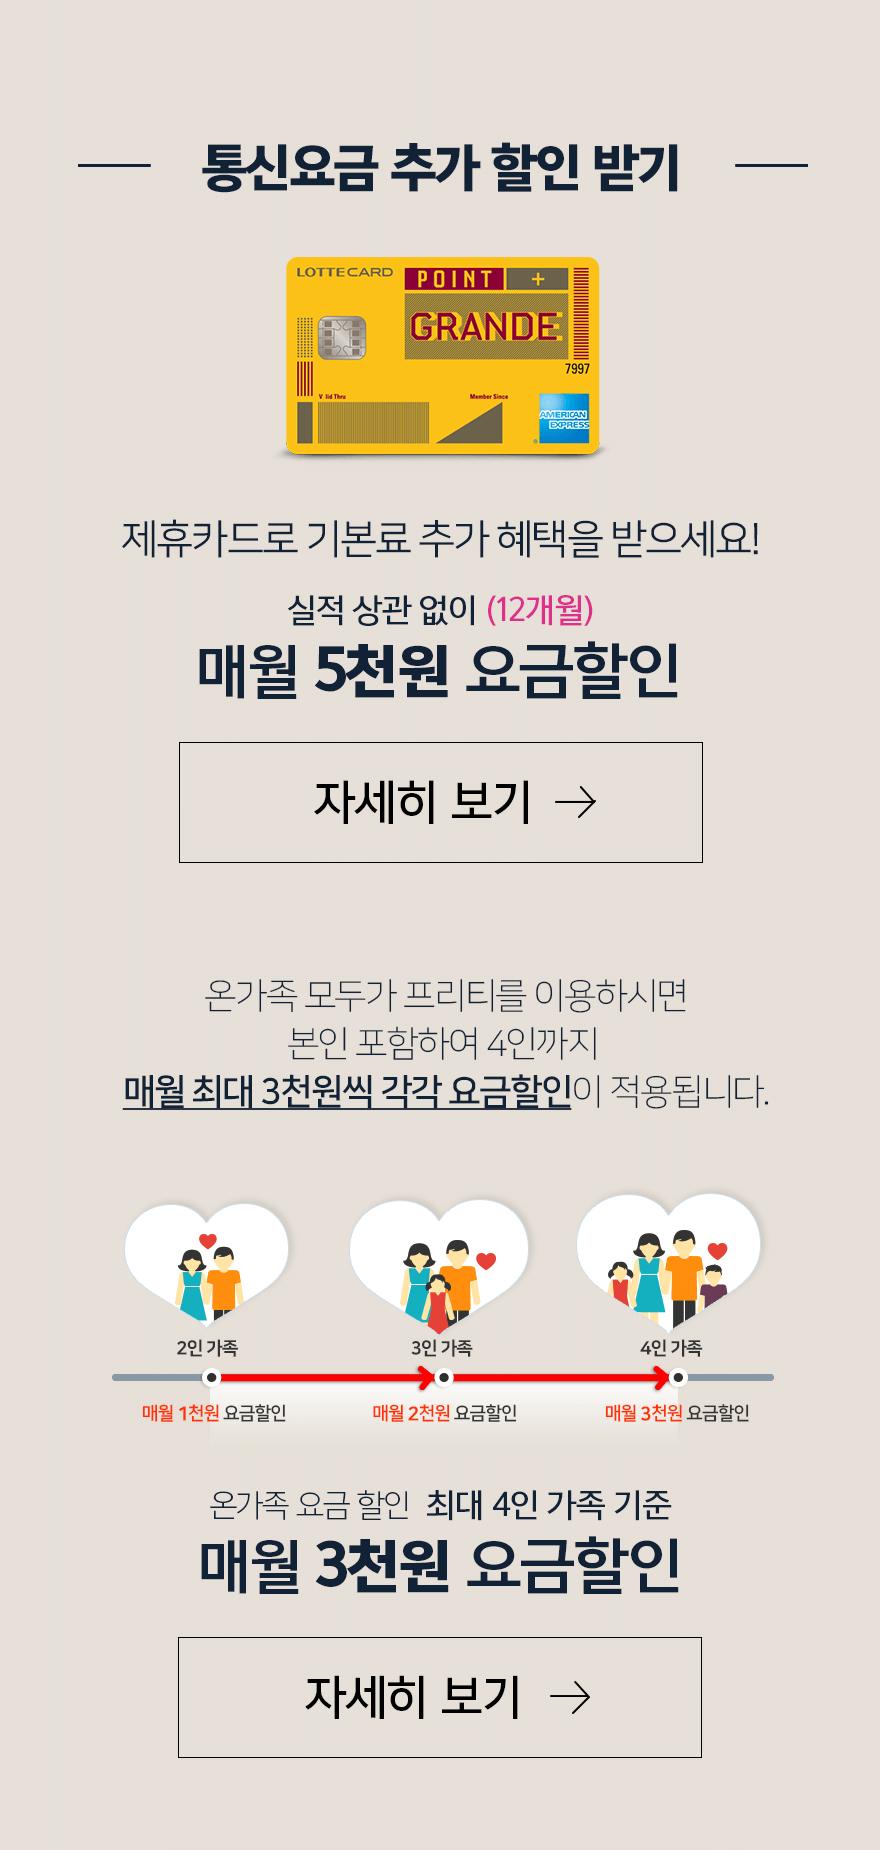 롯데제휴카드/온가족할인 혜택